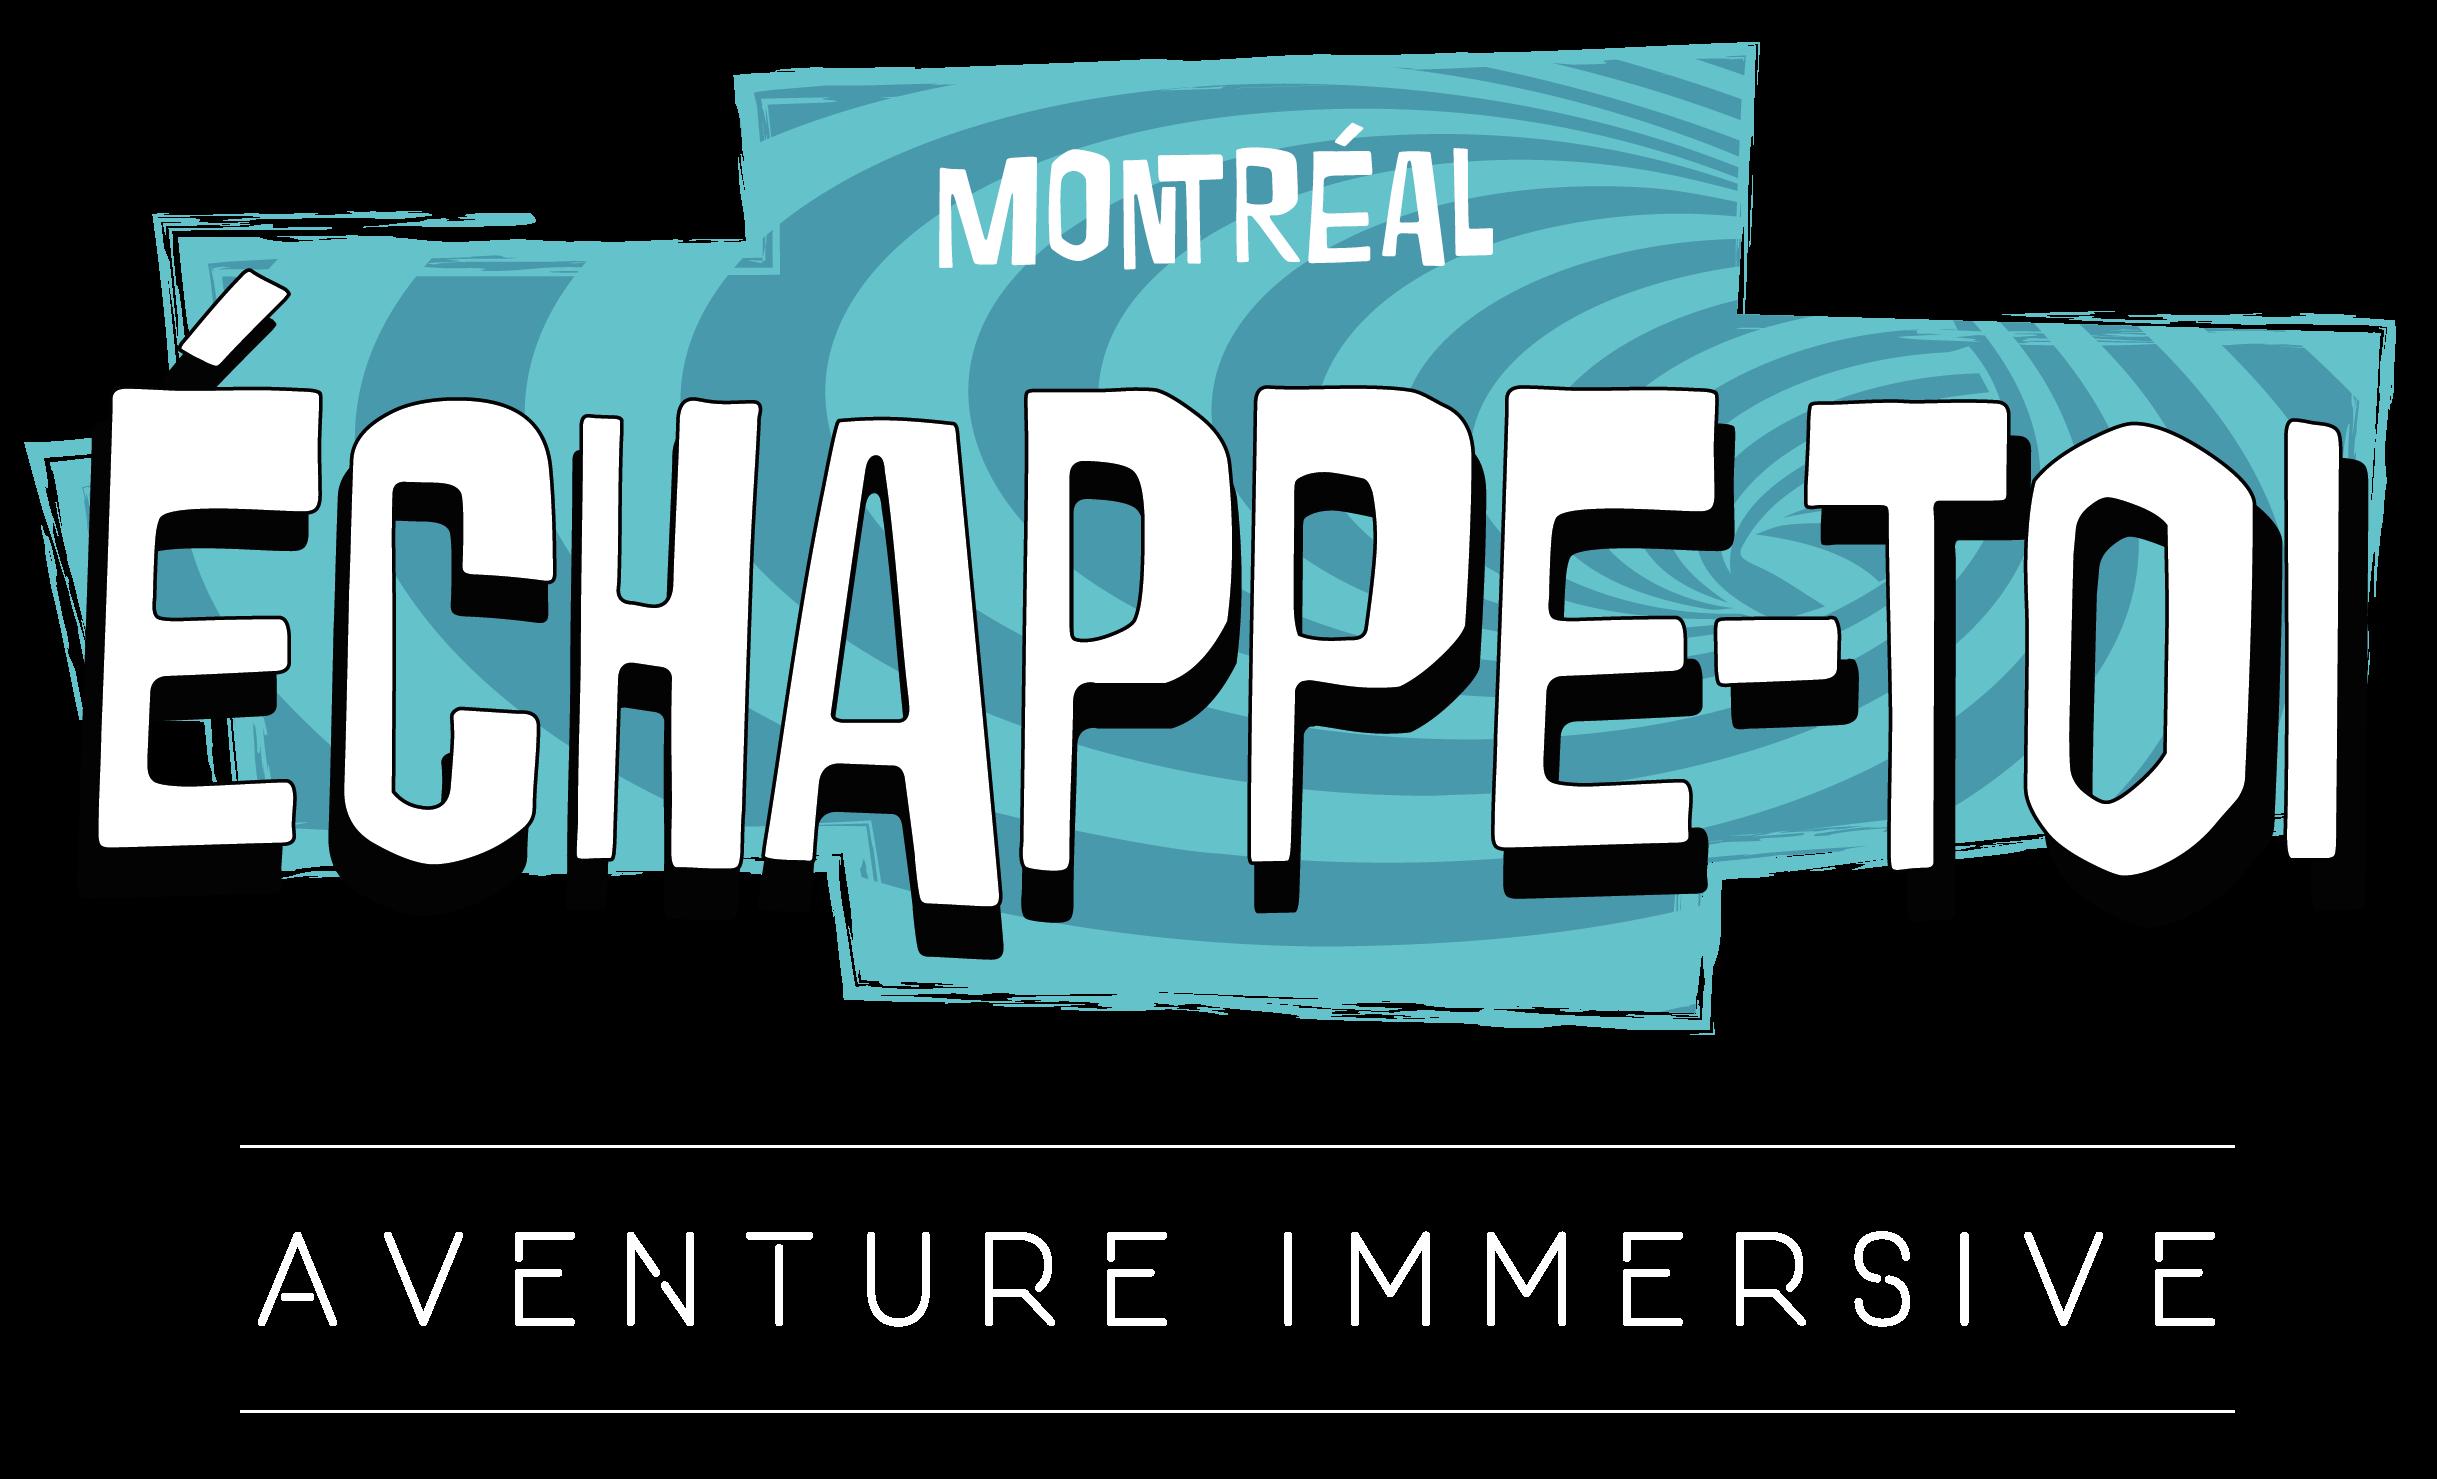 Echappetoi-Montreal